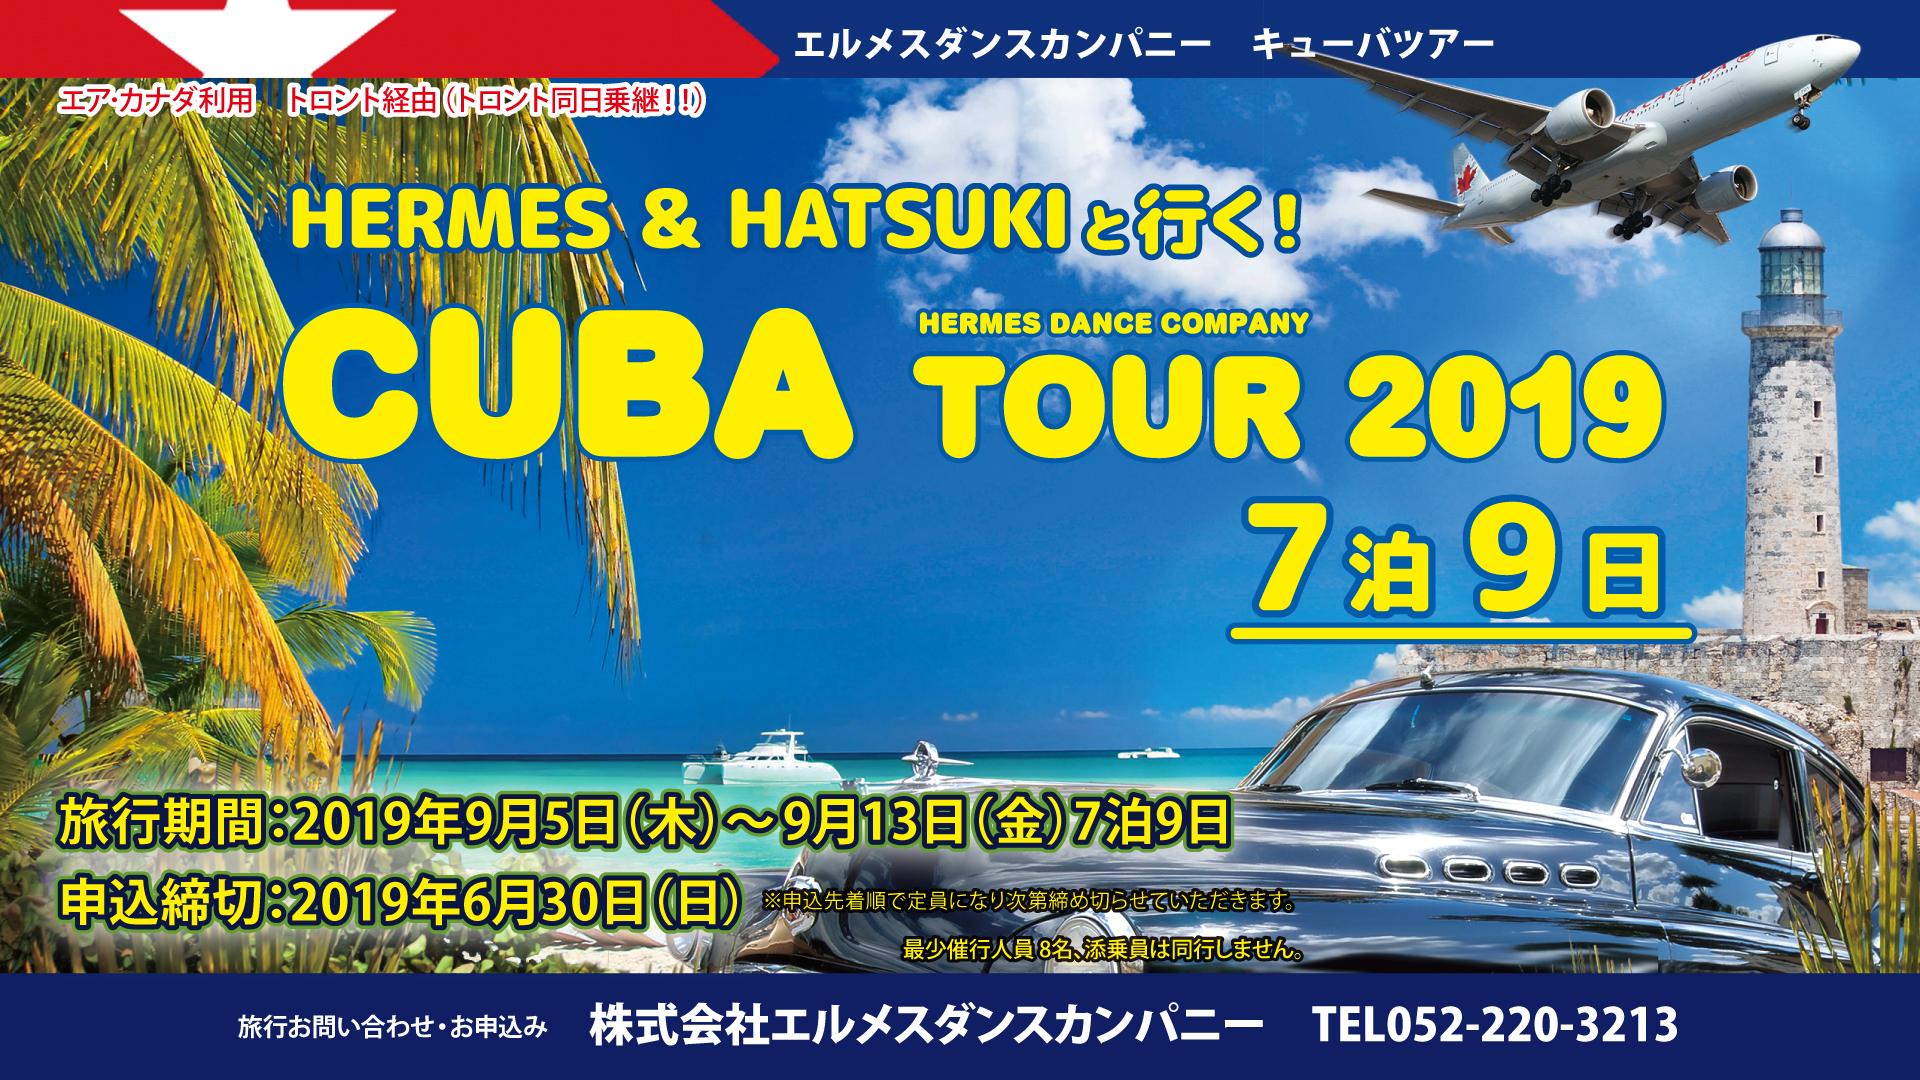 ★CUBAツアー2019のご案内★